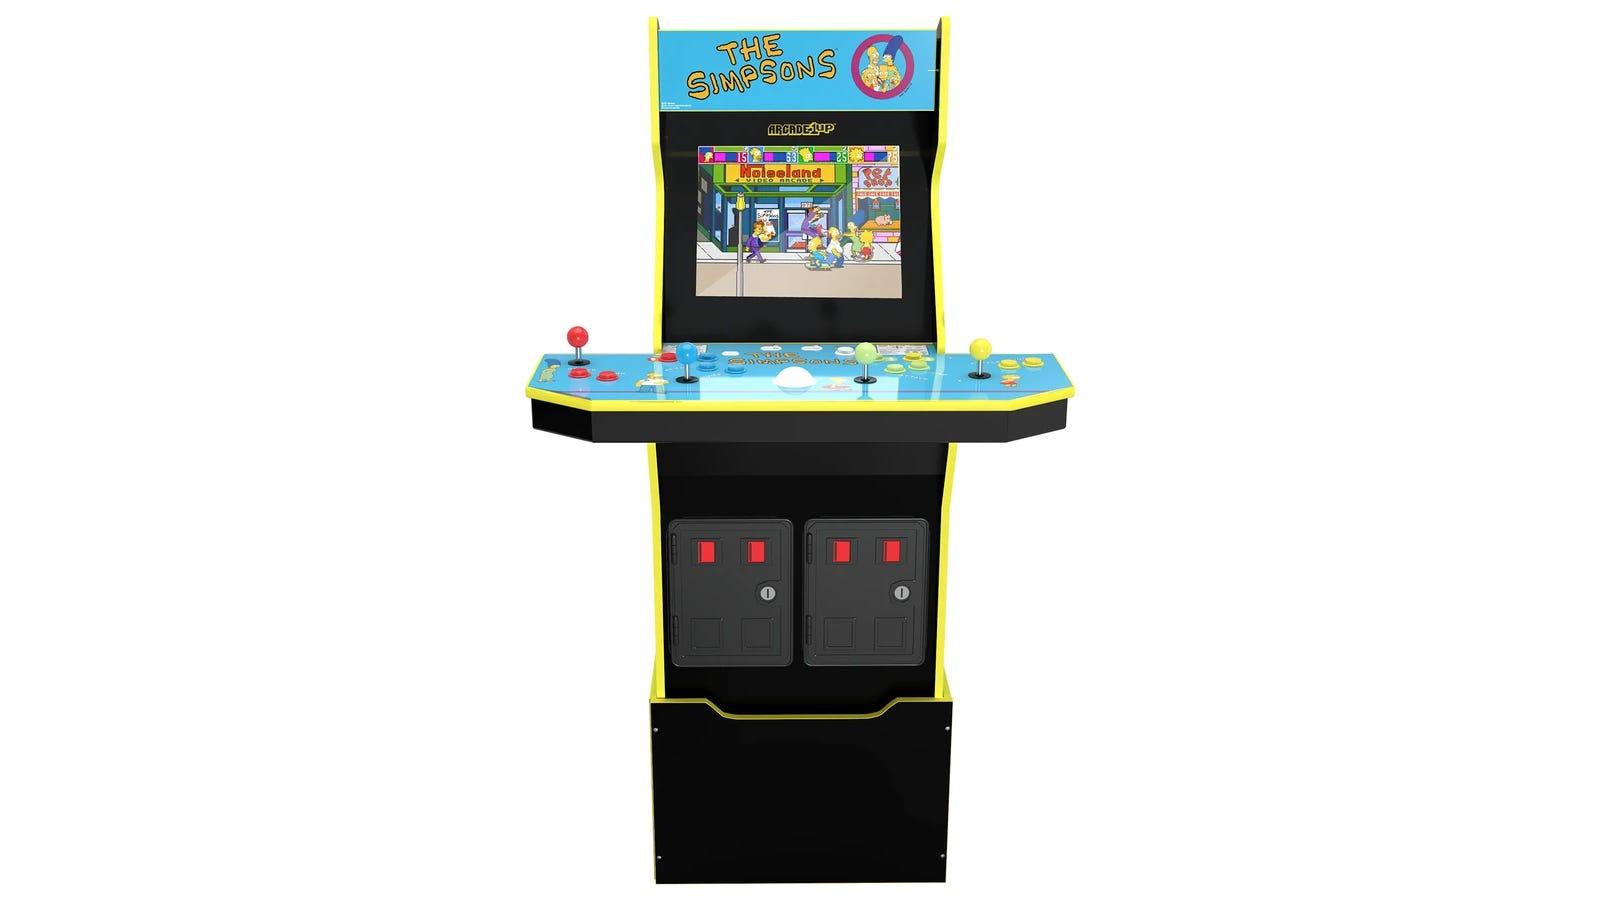 Máy điện tử Simpsons ™